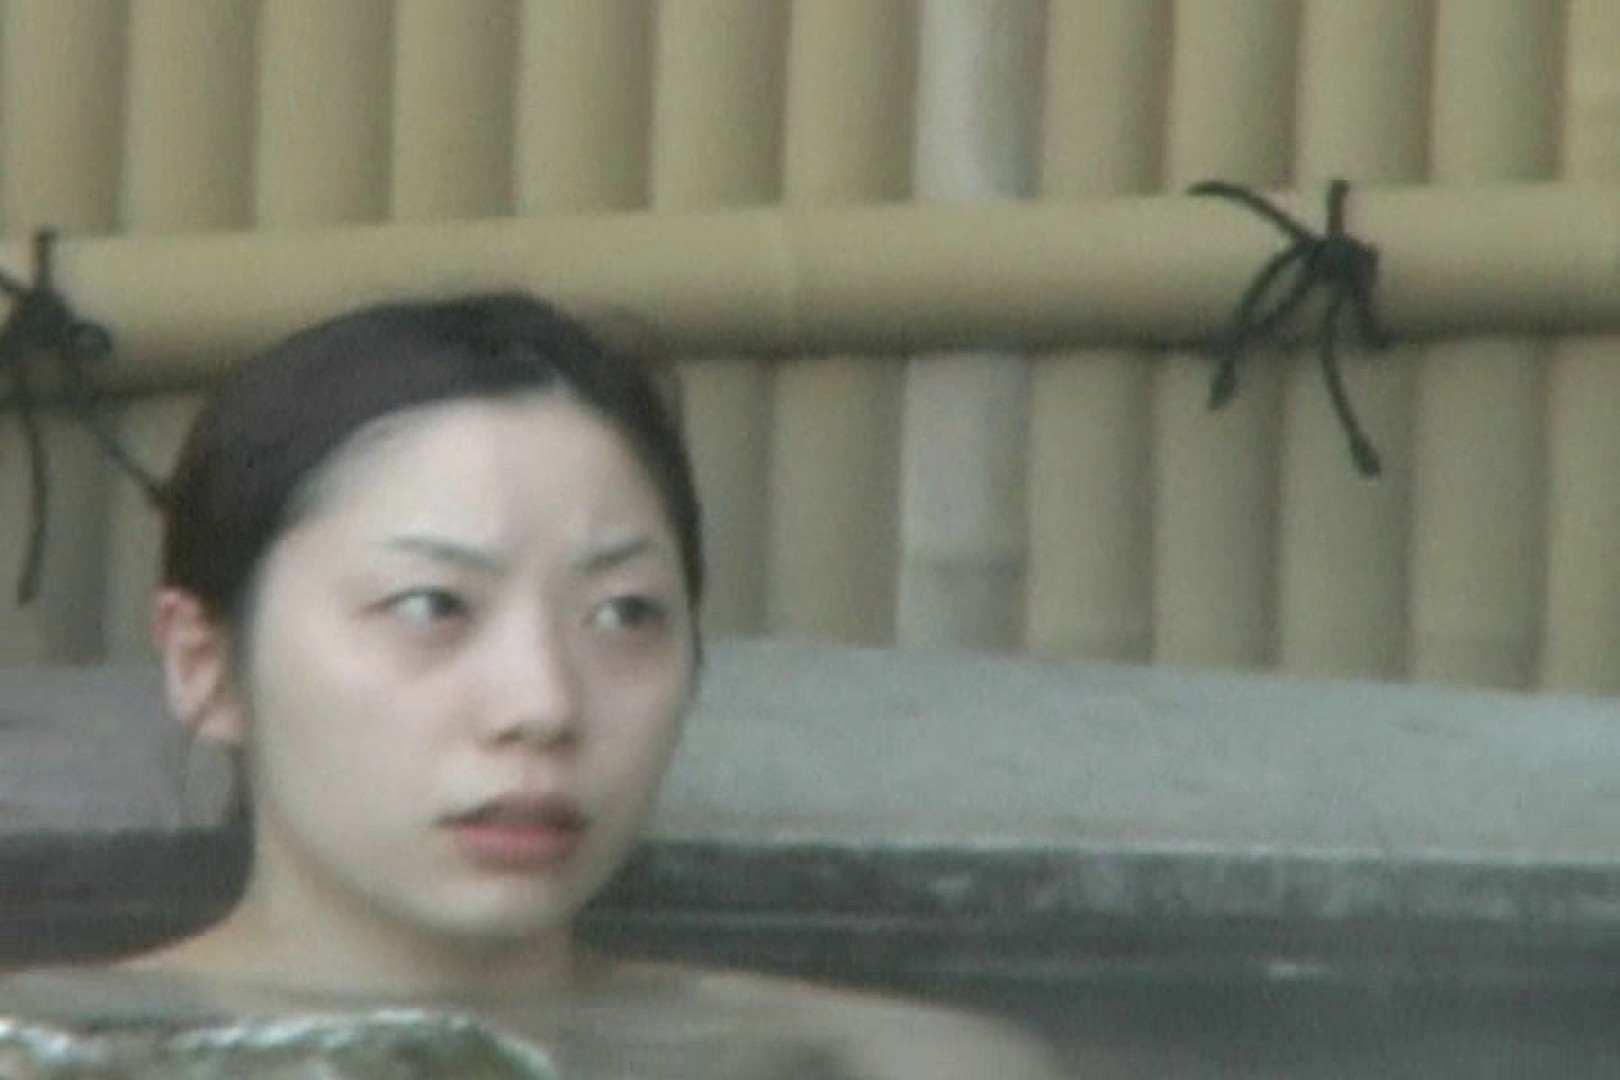 Aquaな露天風呂Vol.596 盗撮シリーズ  113PIX 2